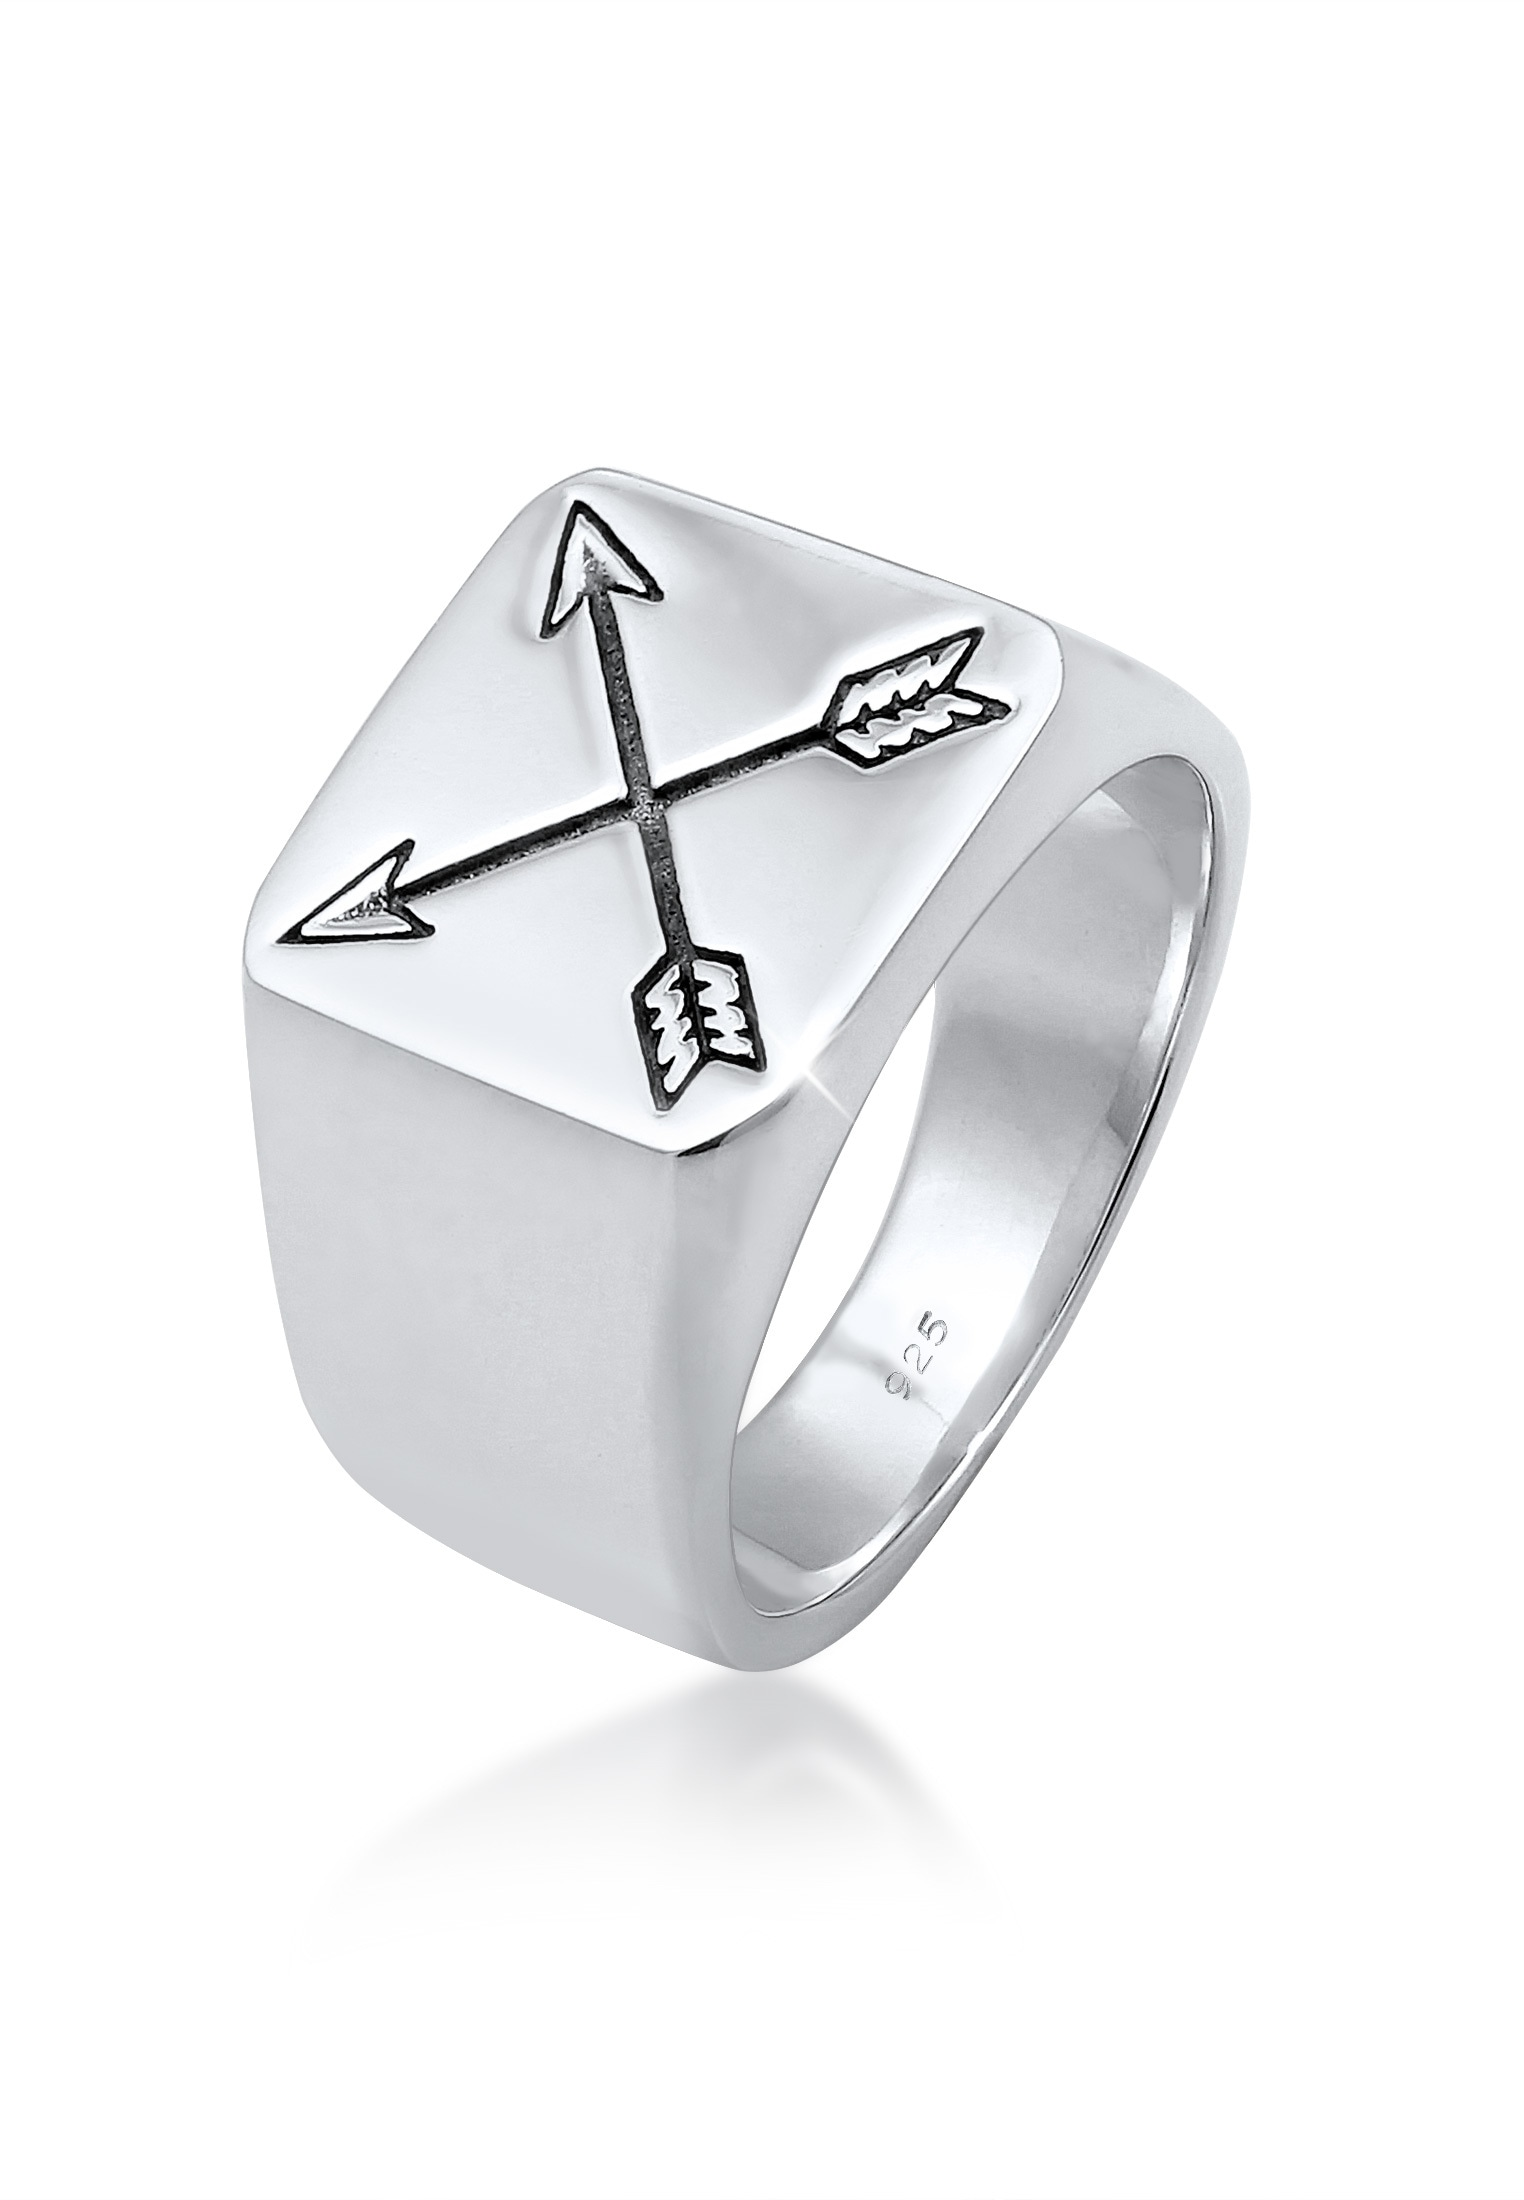 Kuzzoi Silberring Herren Siegelring Matt Basic Pfeil 925er Silber | Schmuck > Ringe > Silberringe | Kuzzoi